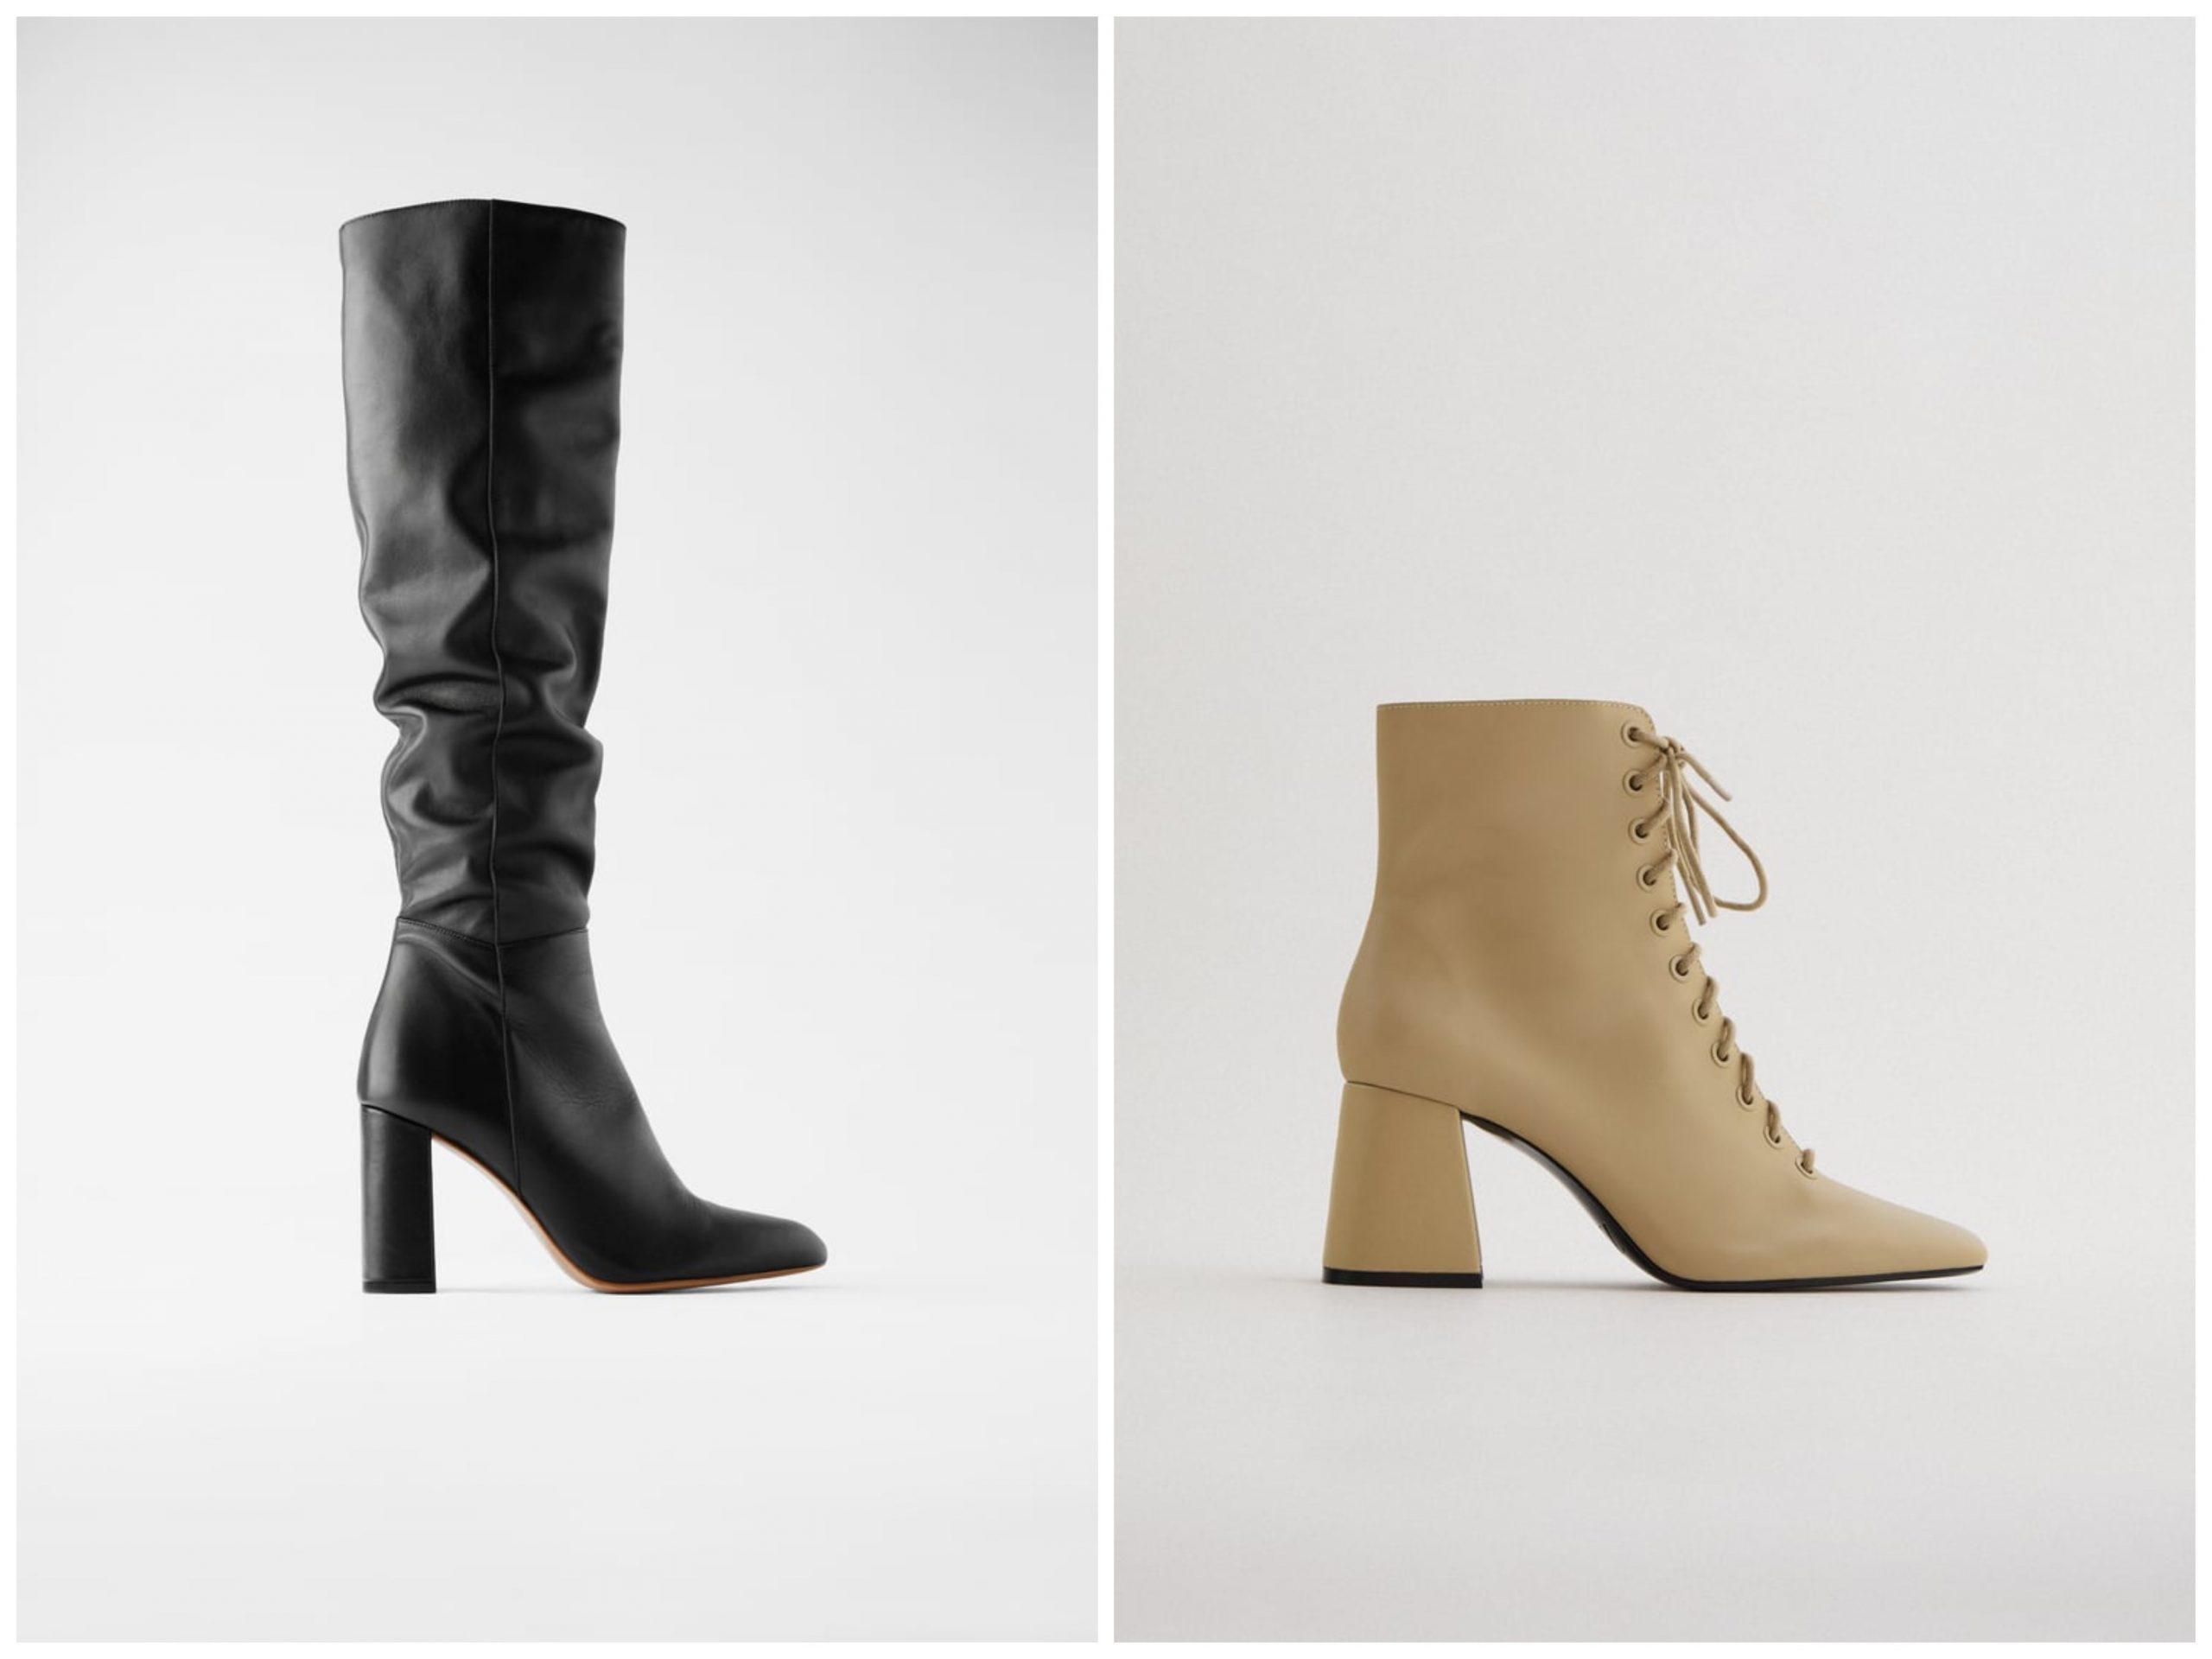 Bota de tacón de piel y caña alta/ Botín de piel acordonado de Zara